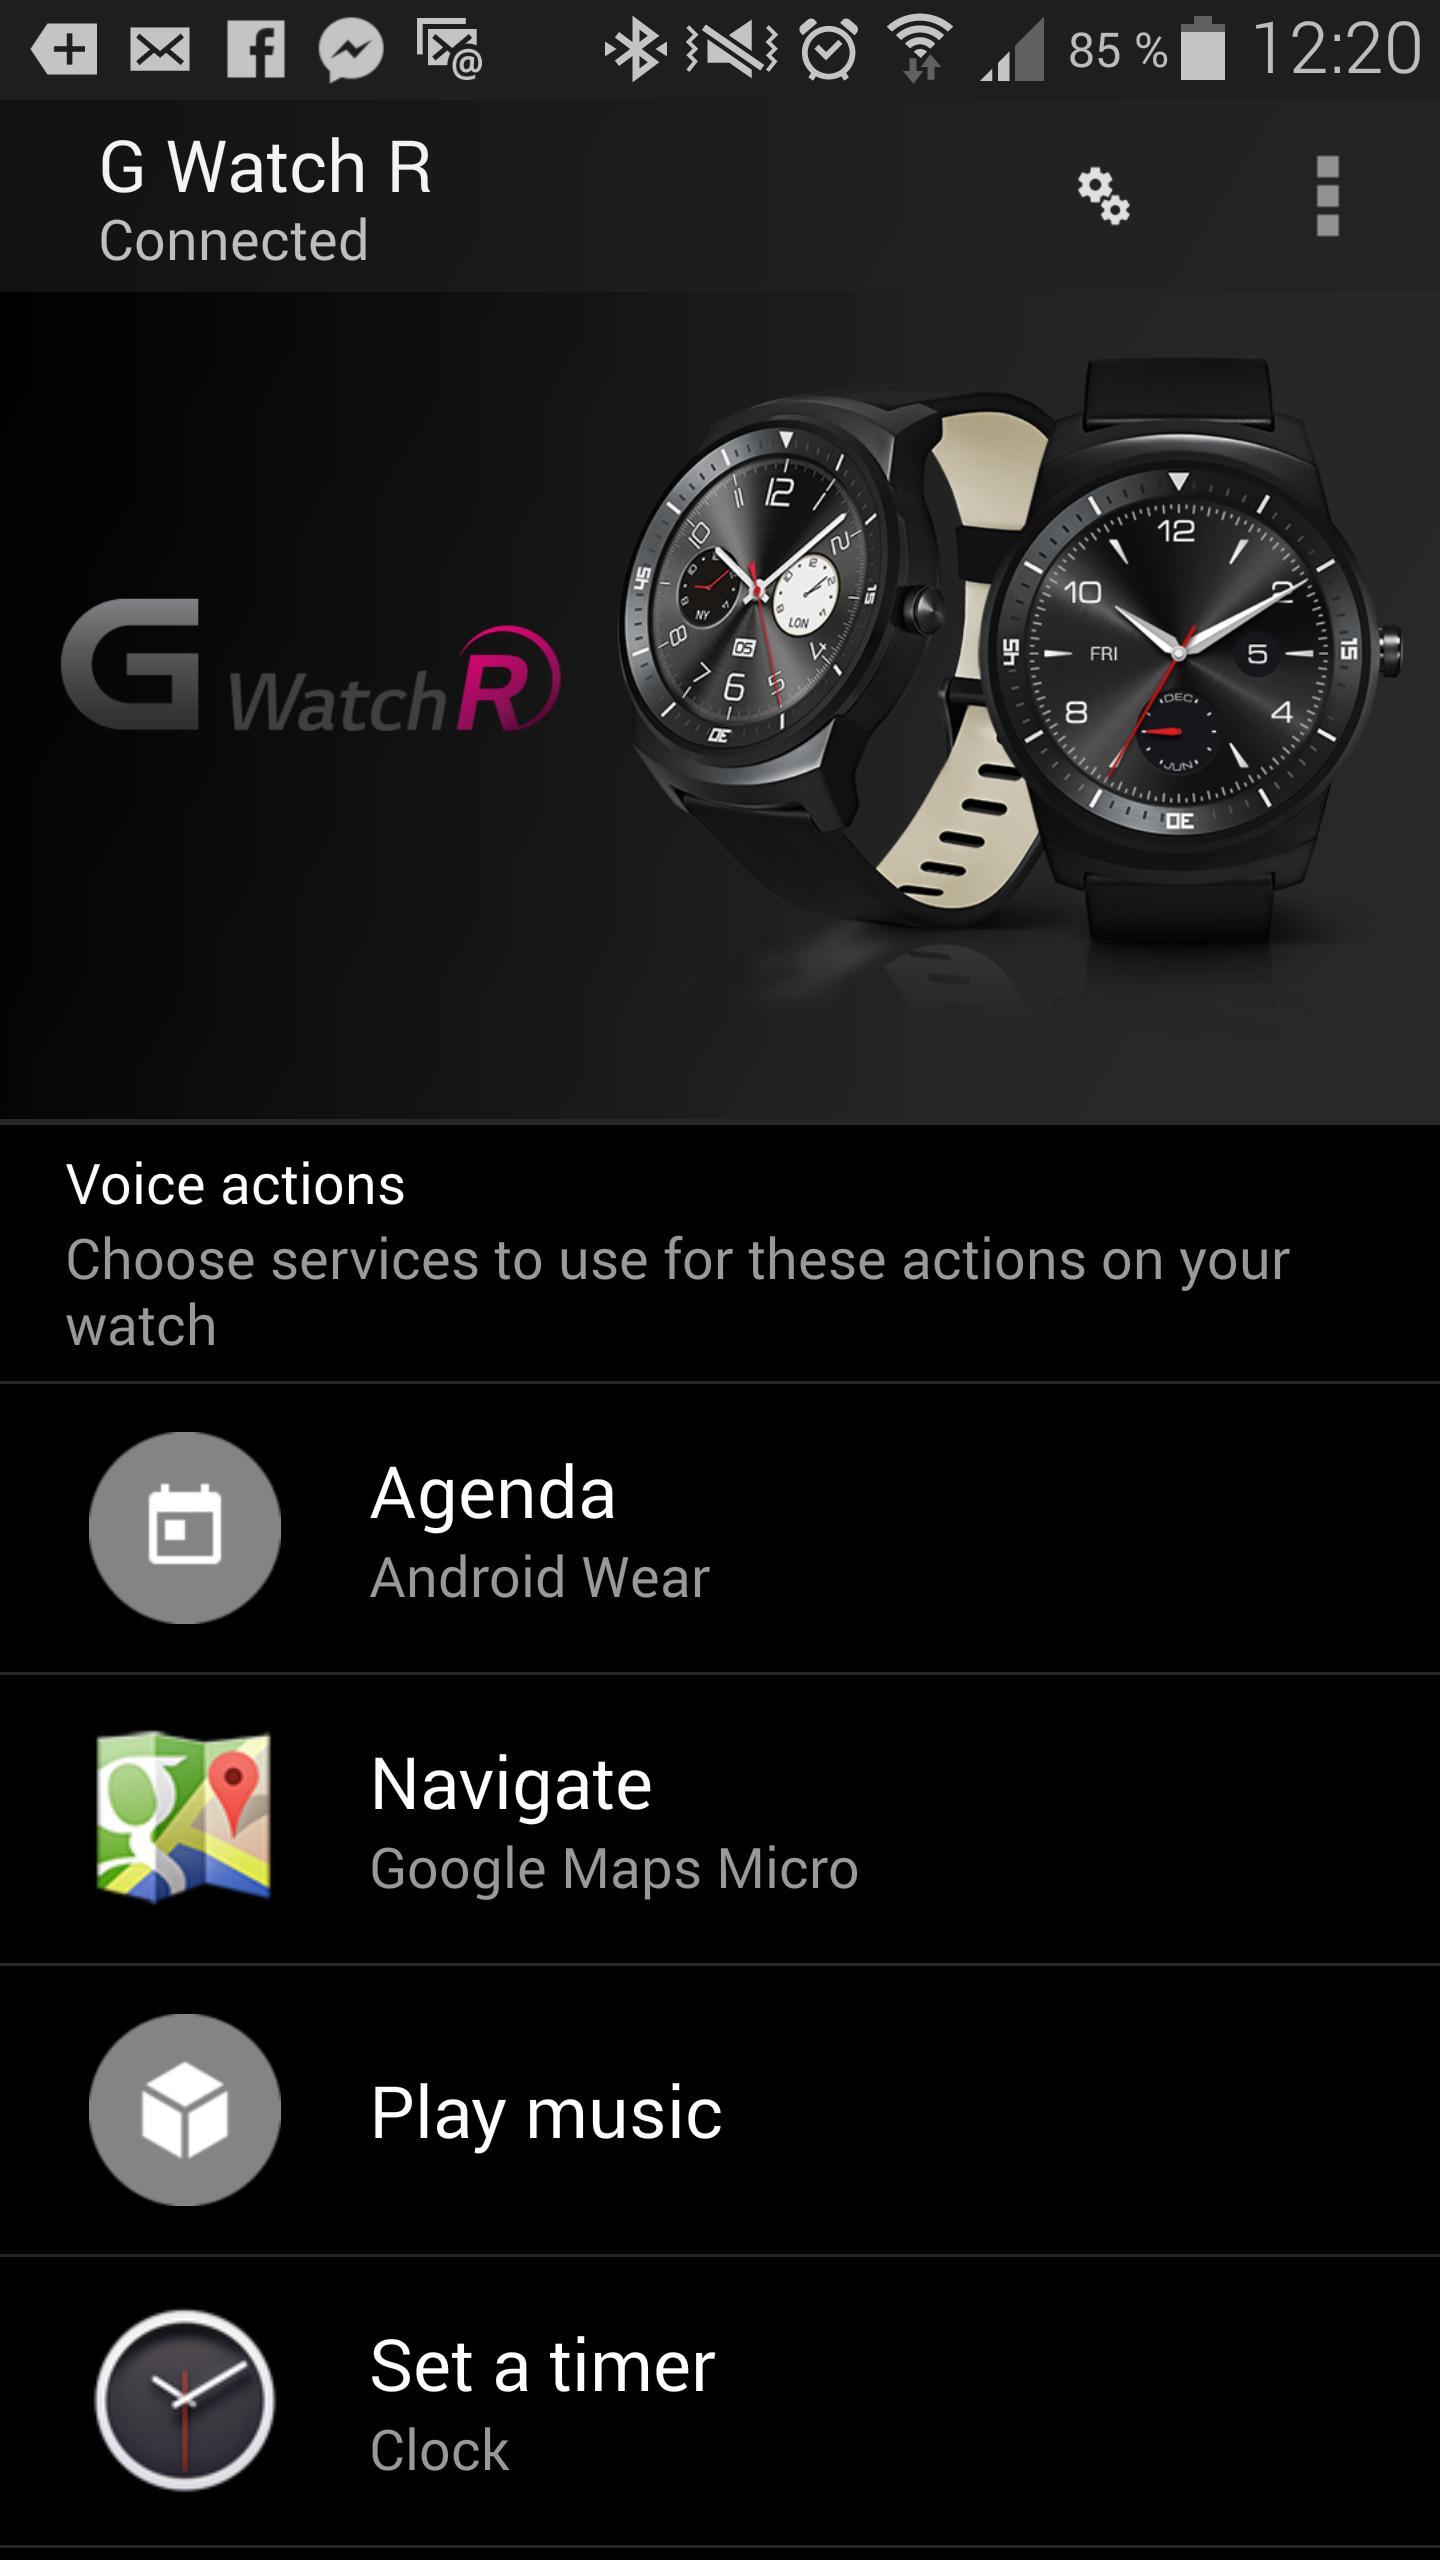 Du må installere Android Wear på telefonen for å få klokken og mobilen til å snakke med hverandre.